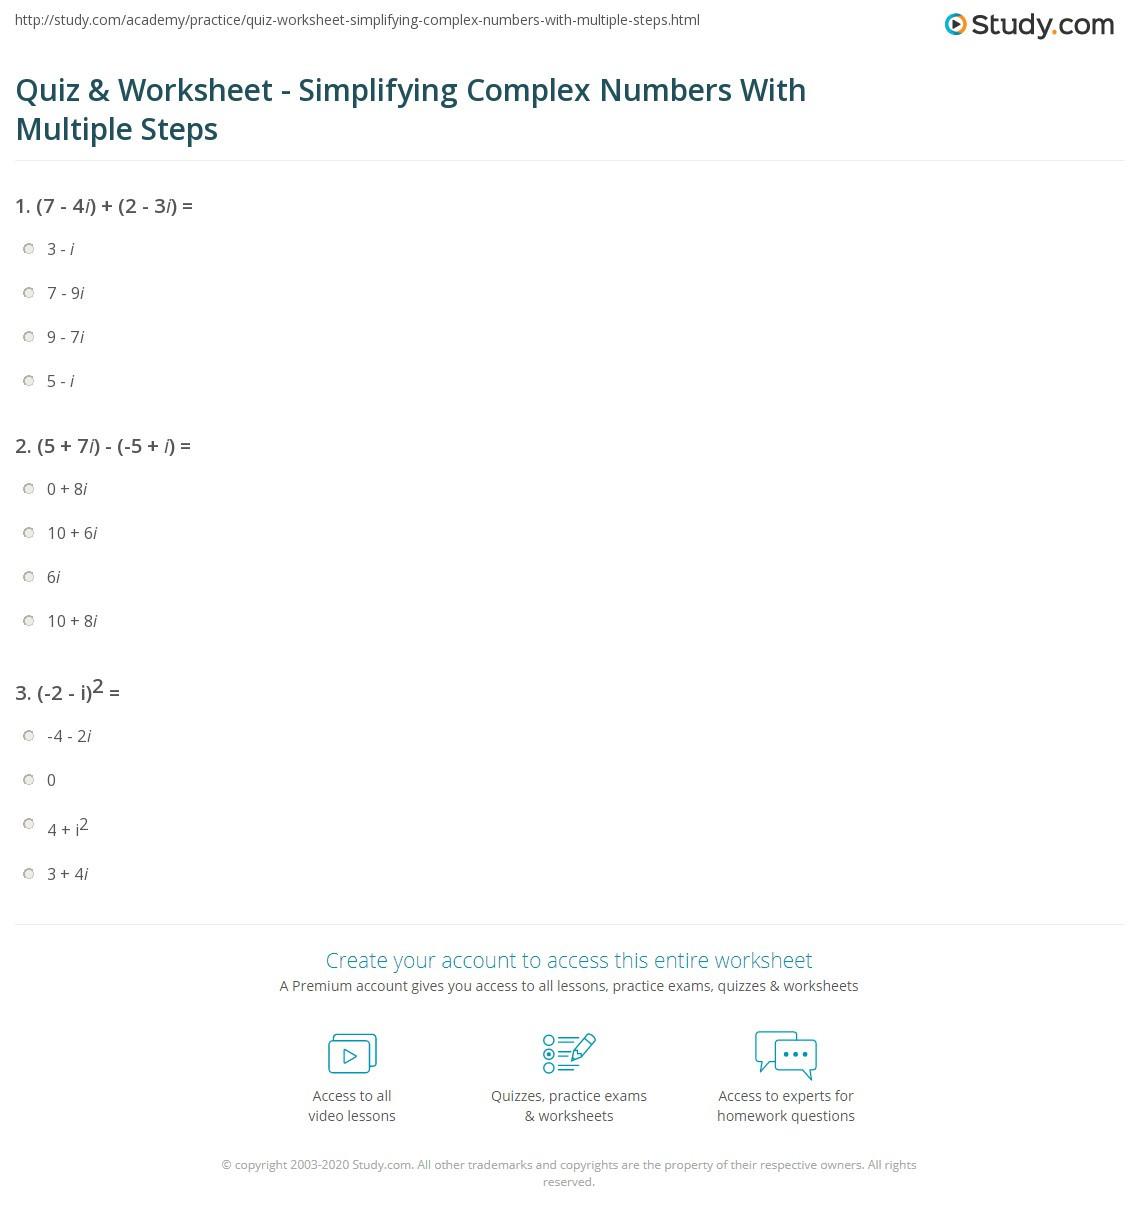 Simplifying Complex Numbers Worksheet Quiz & Worksheet Simplifying Plex Numbers with Multiple